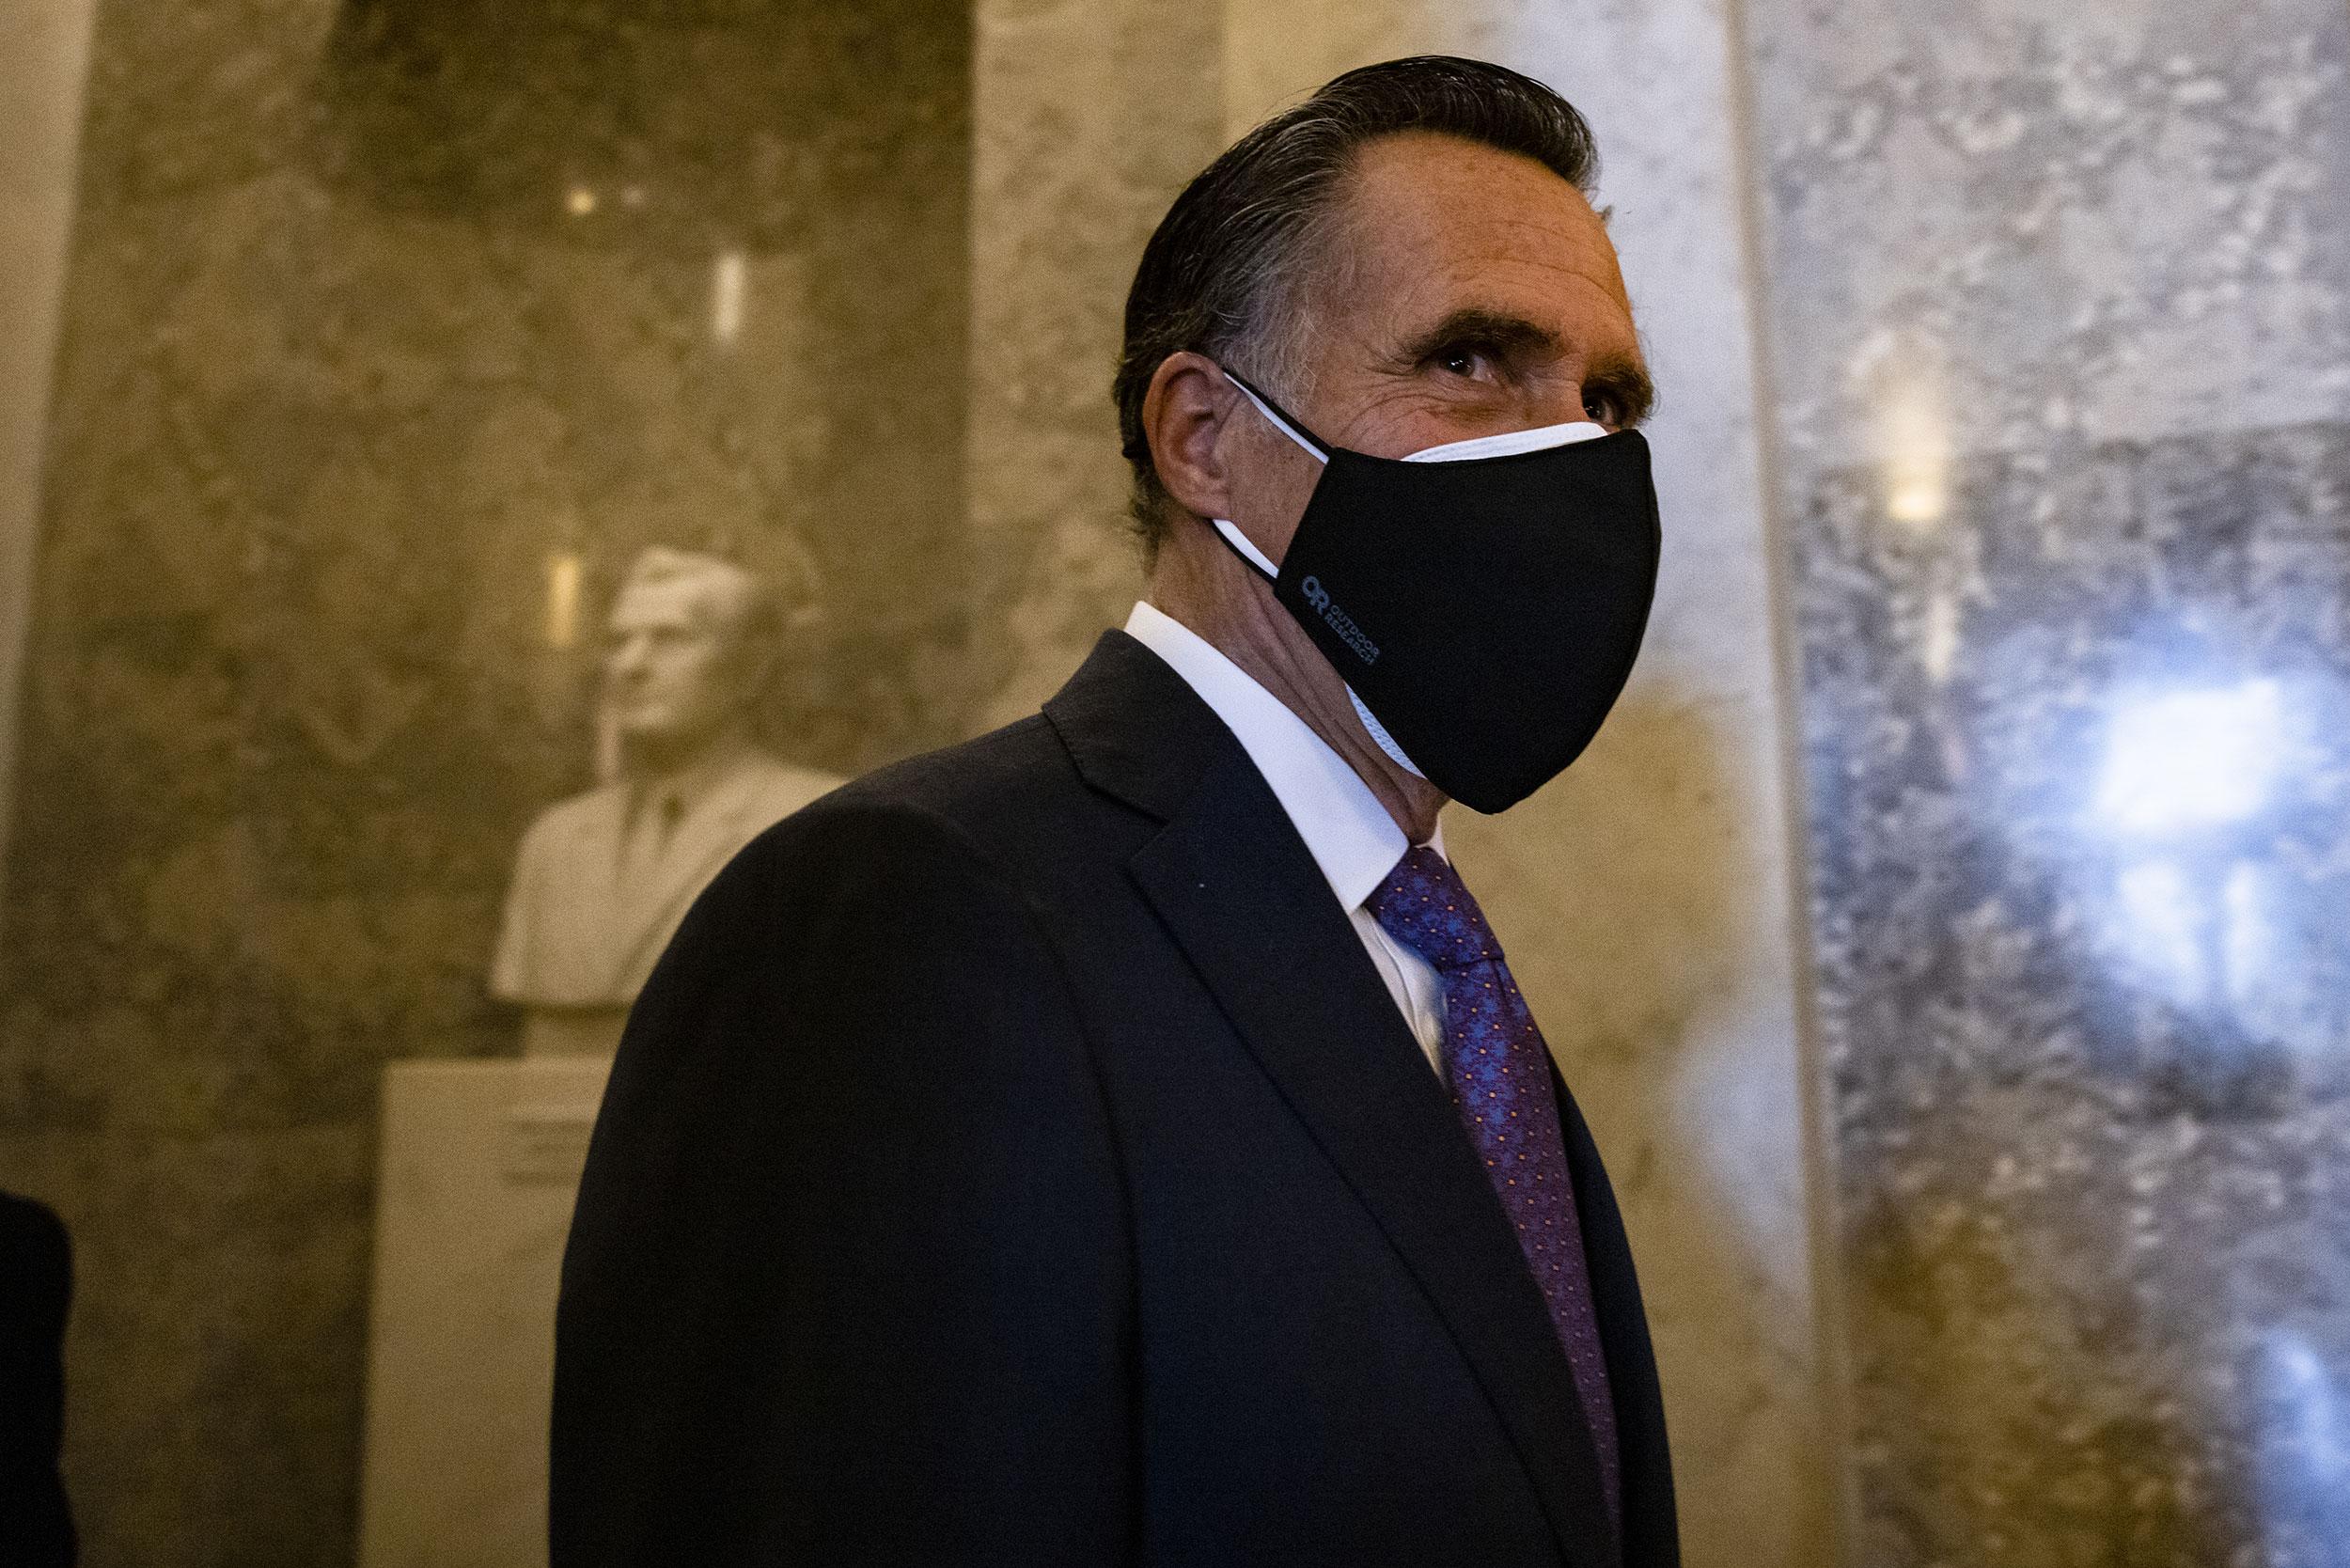 Sen. Mitt Romney walks to the Senate floor on January 1.